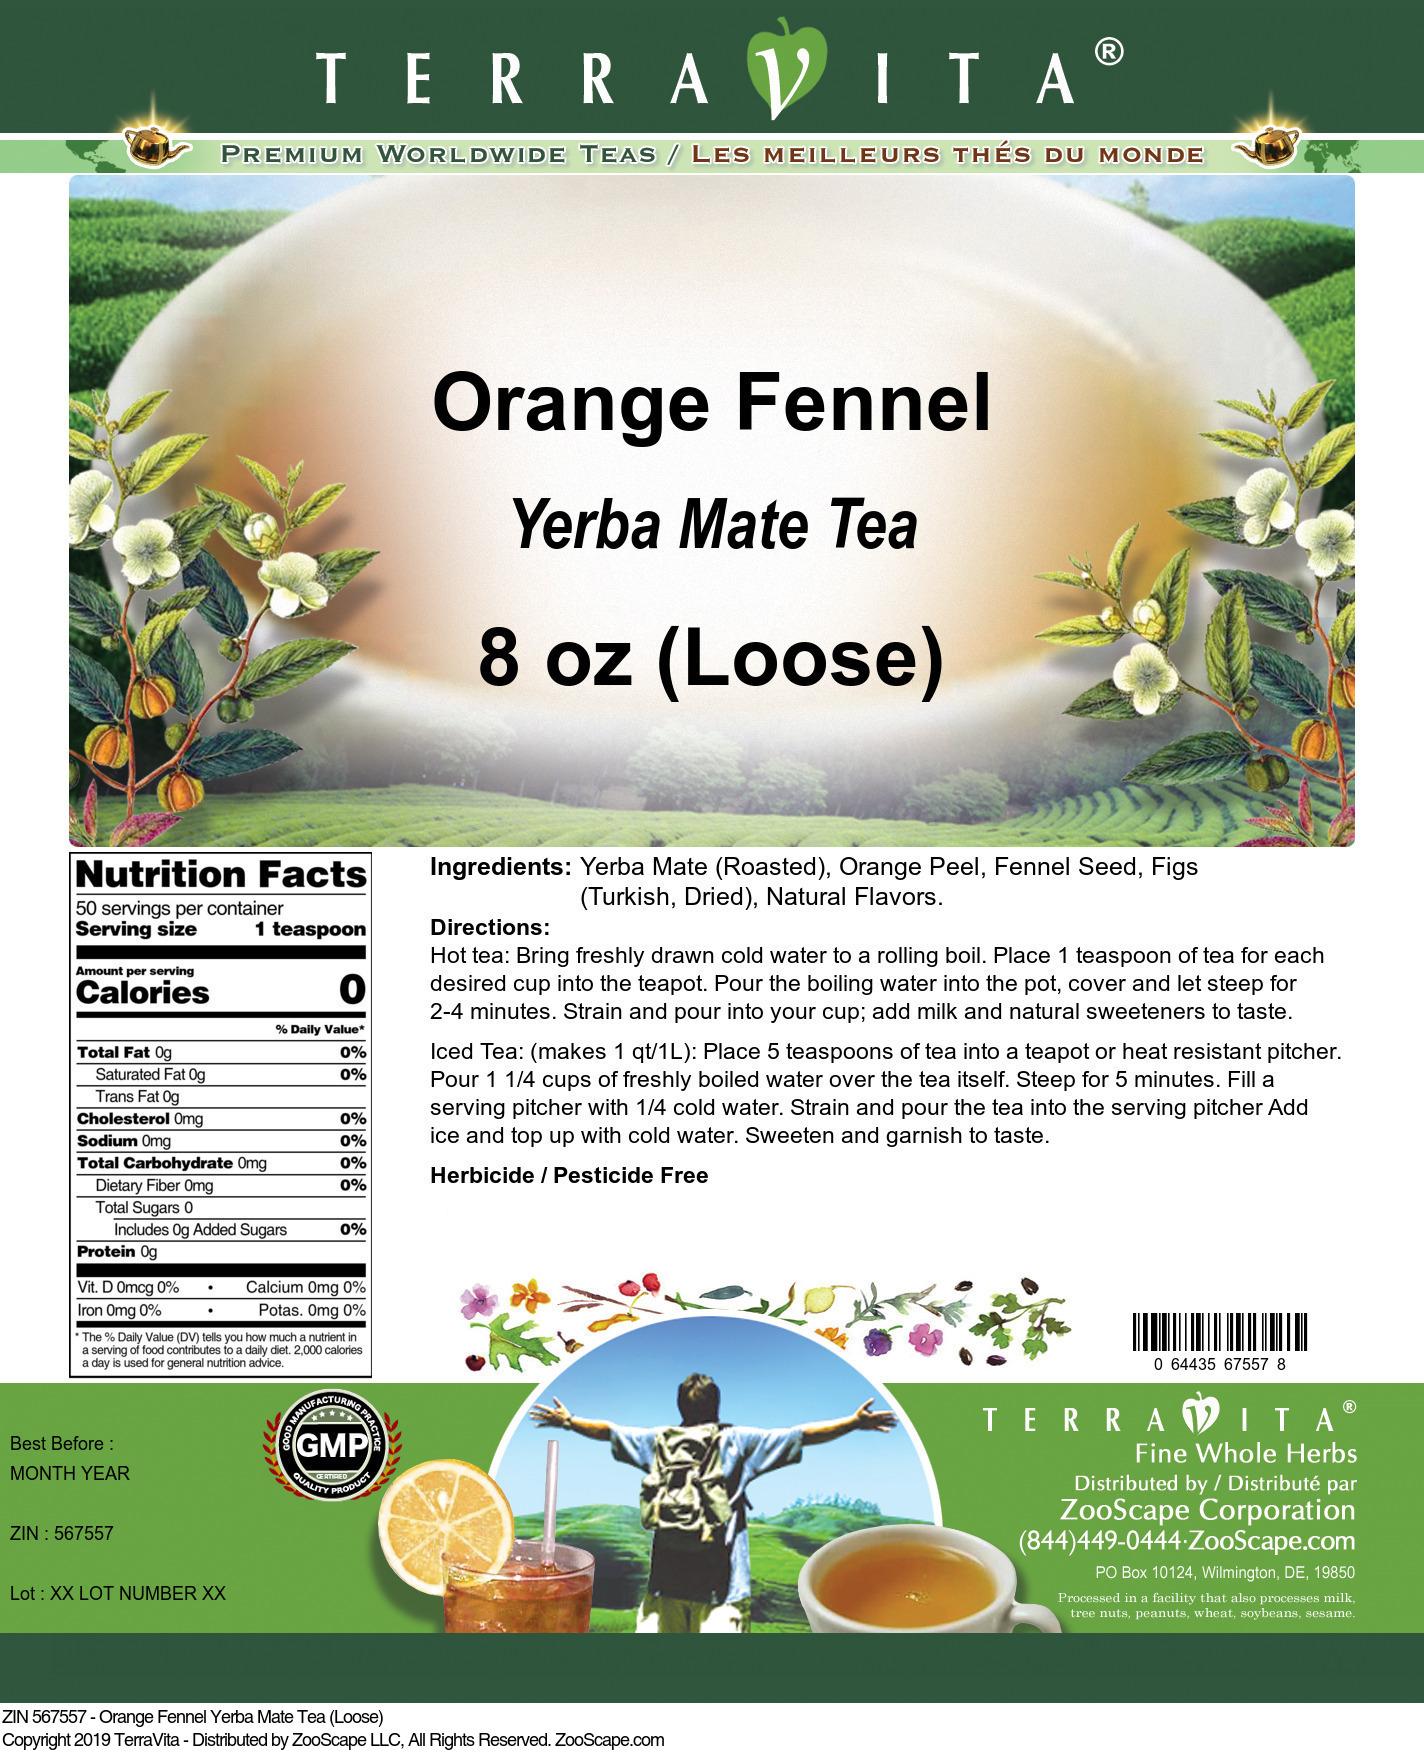 Orange Fennel Yerba Mate Tea (Loose)